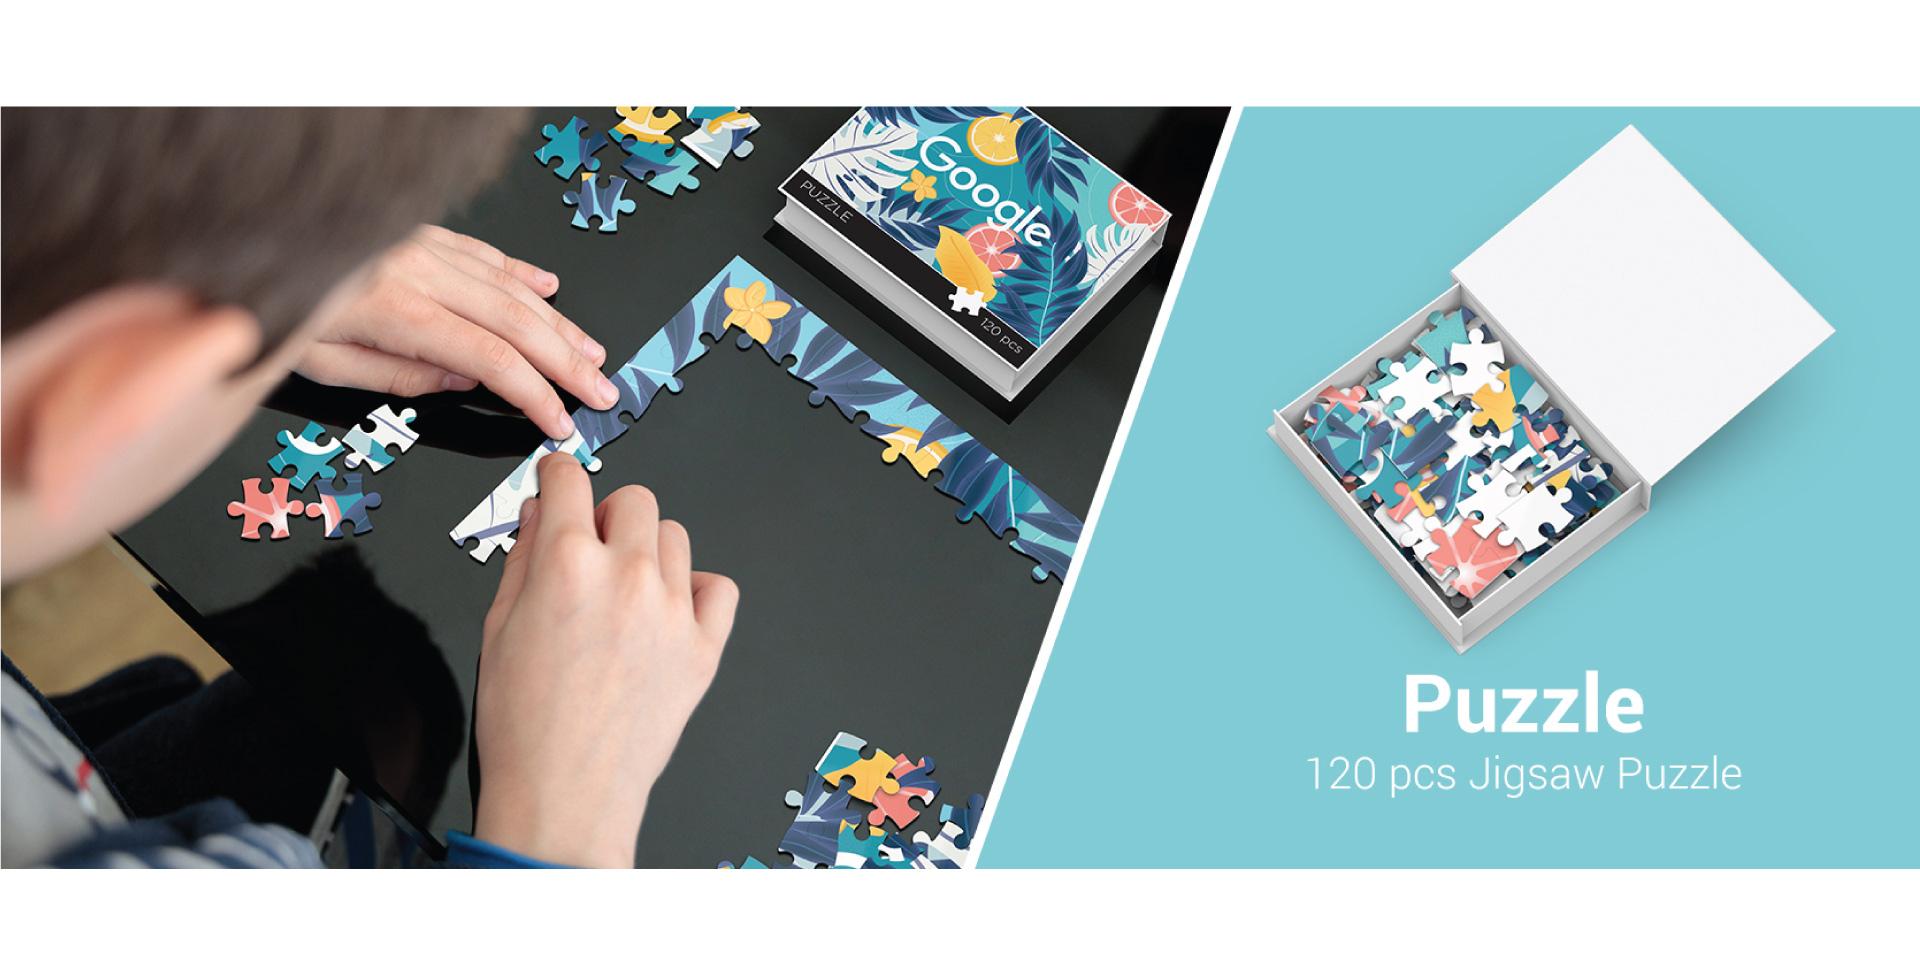 120 Piece Jigsaw Puzzle